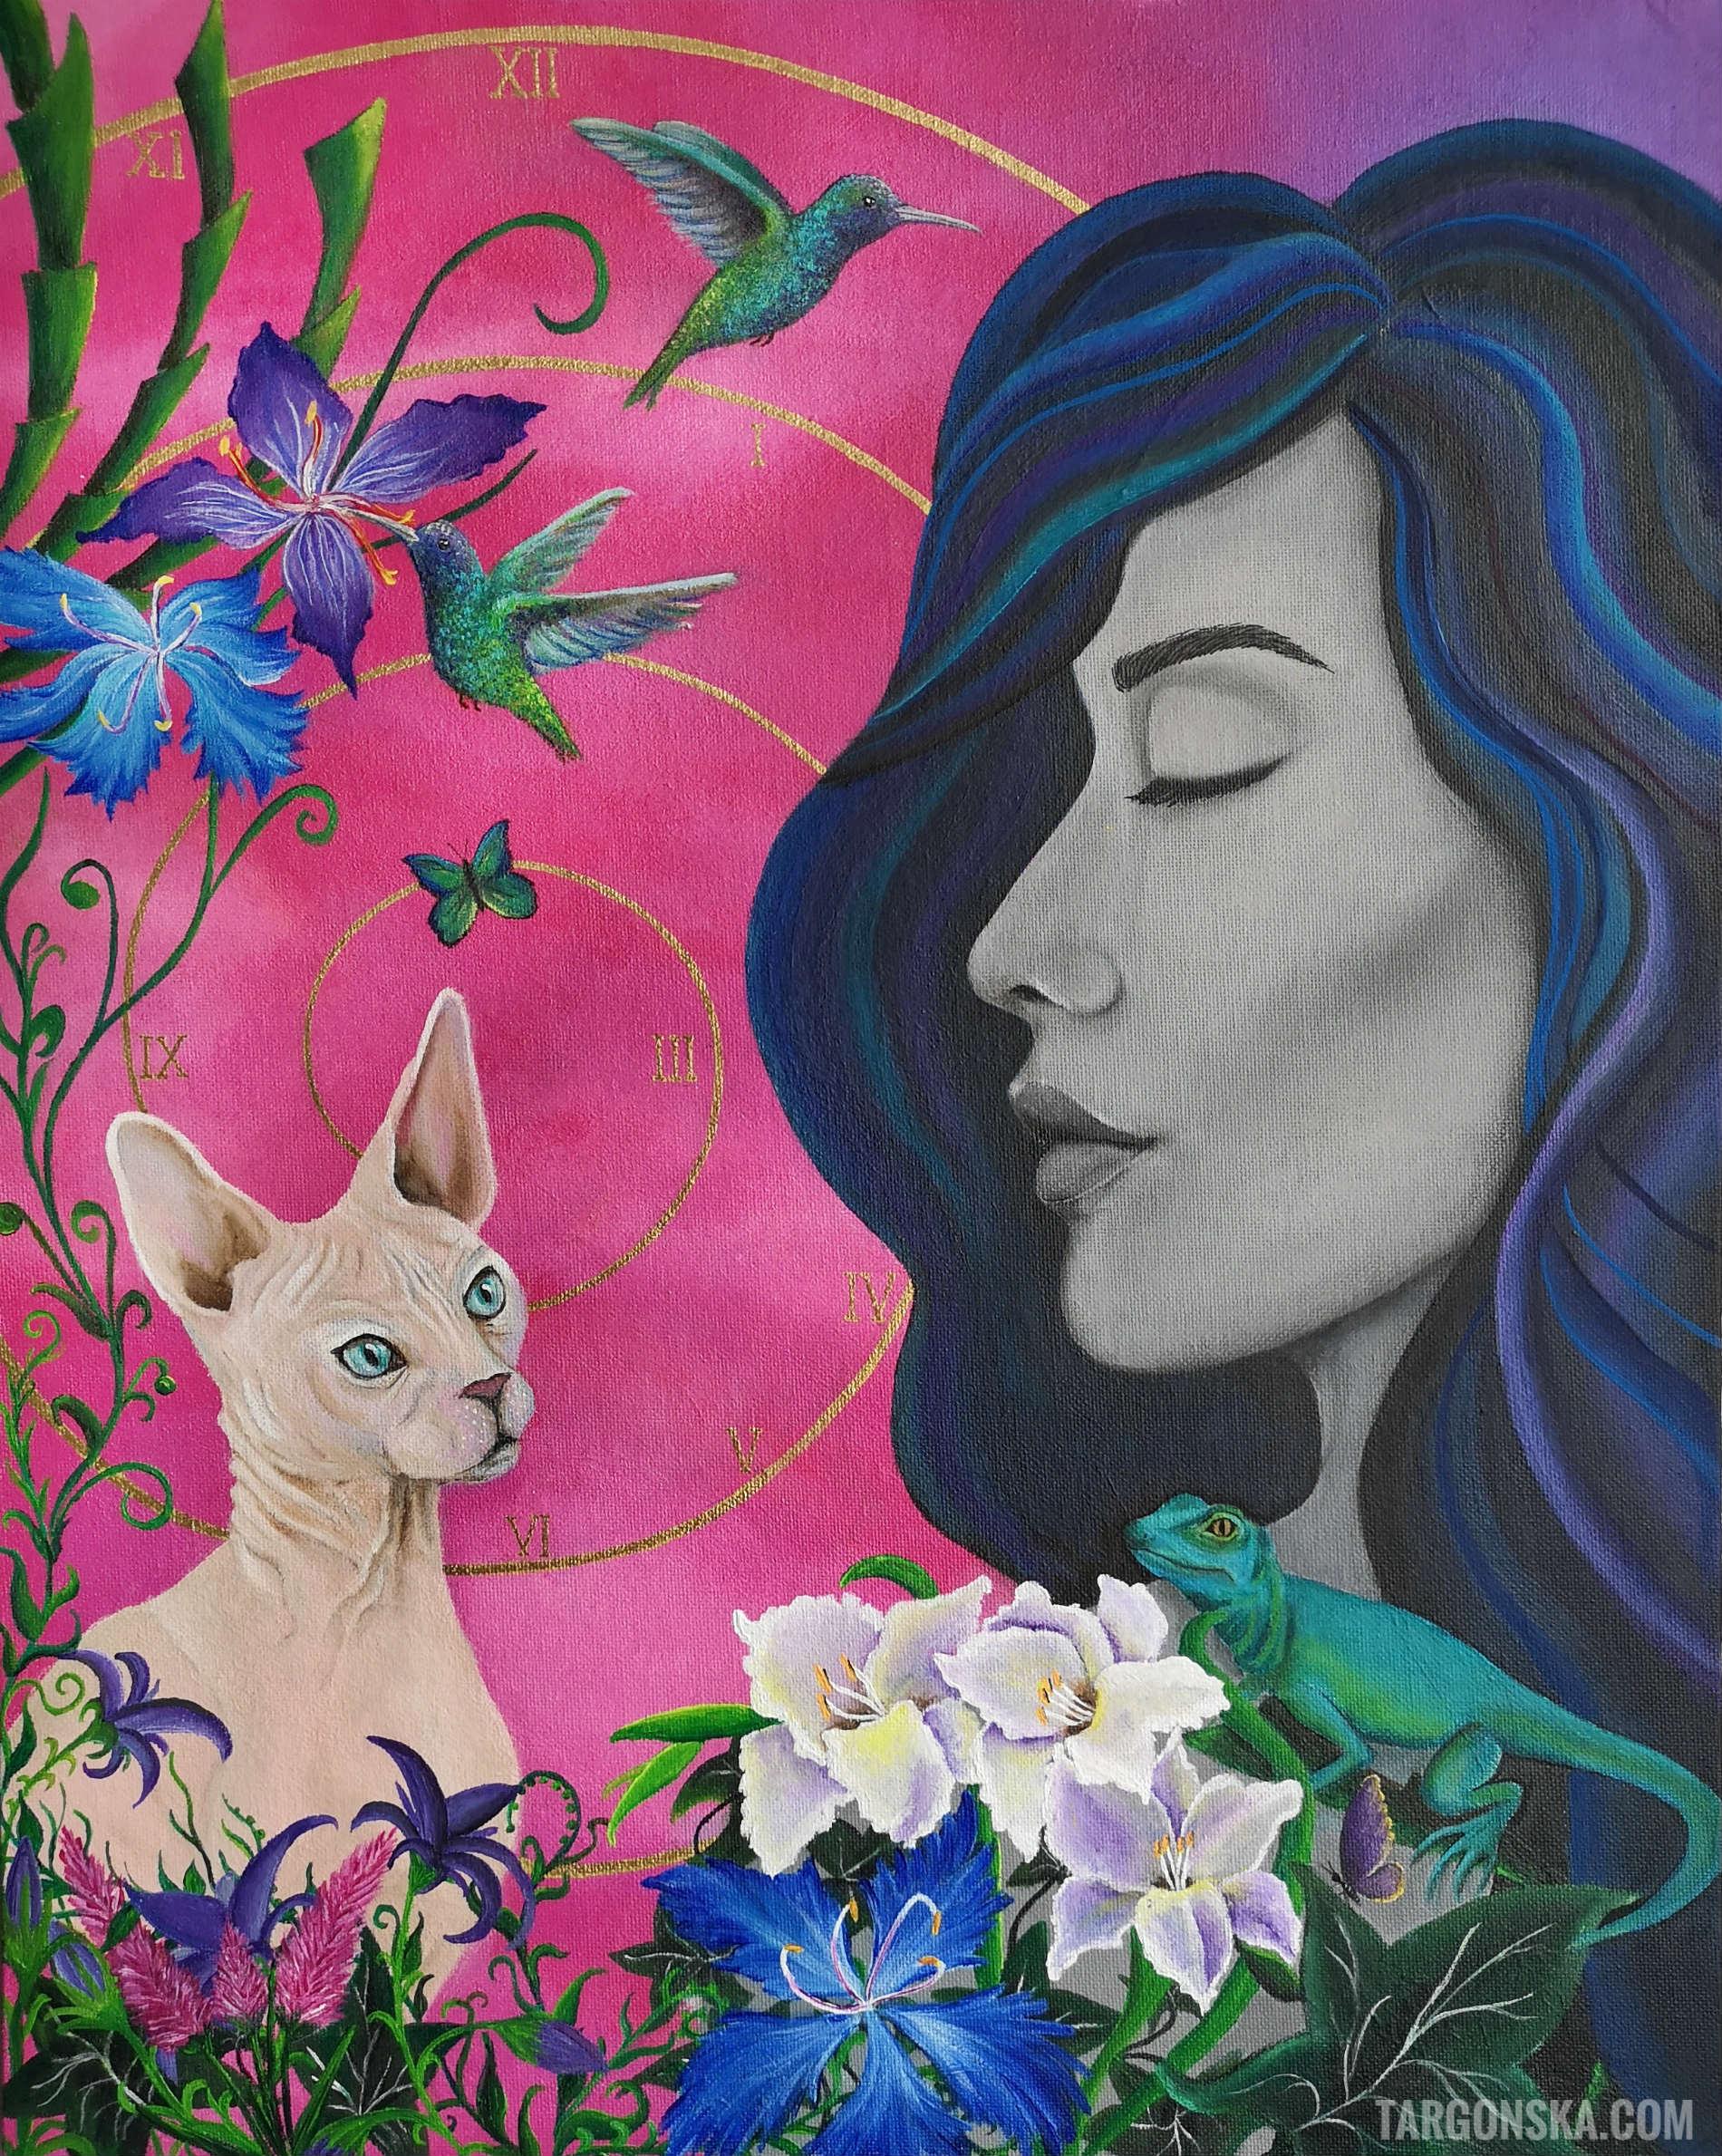 Wake up painting malgorzata targonska